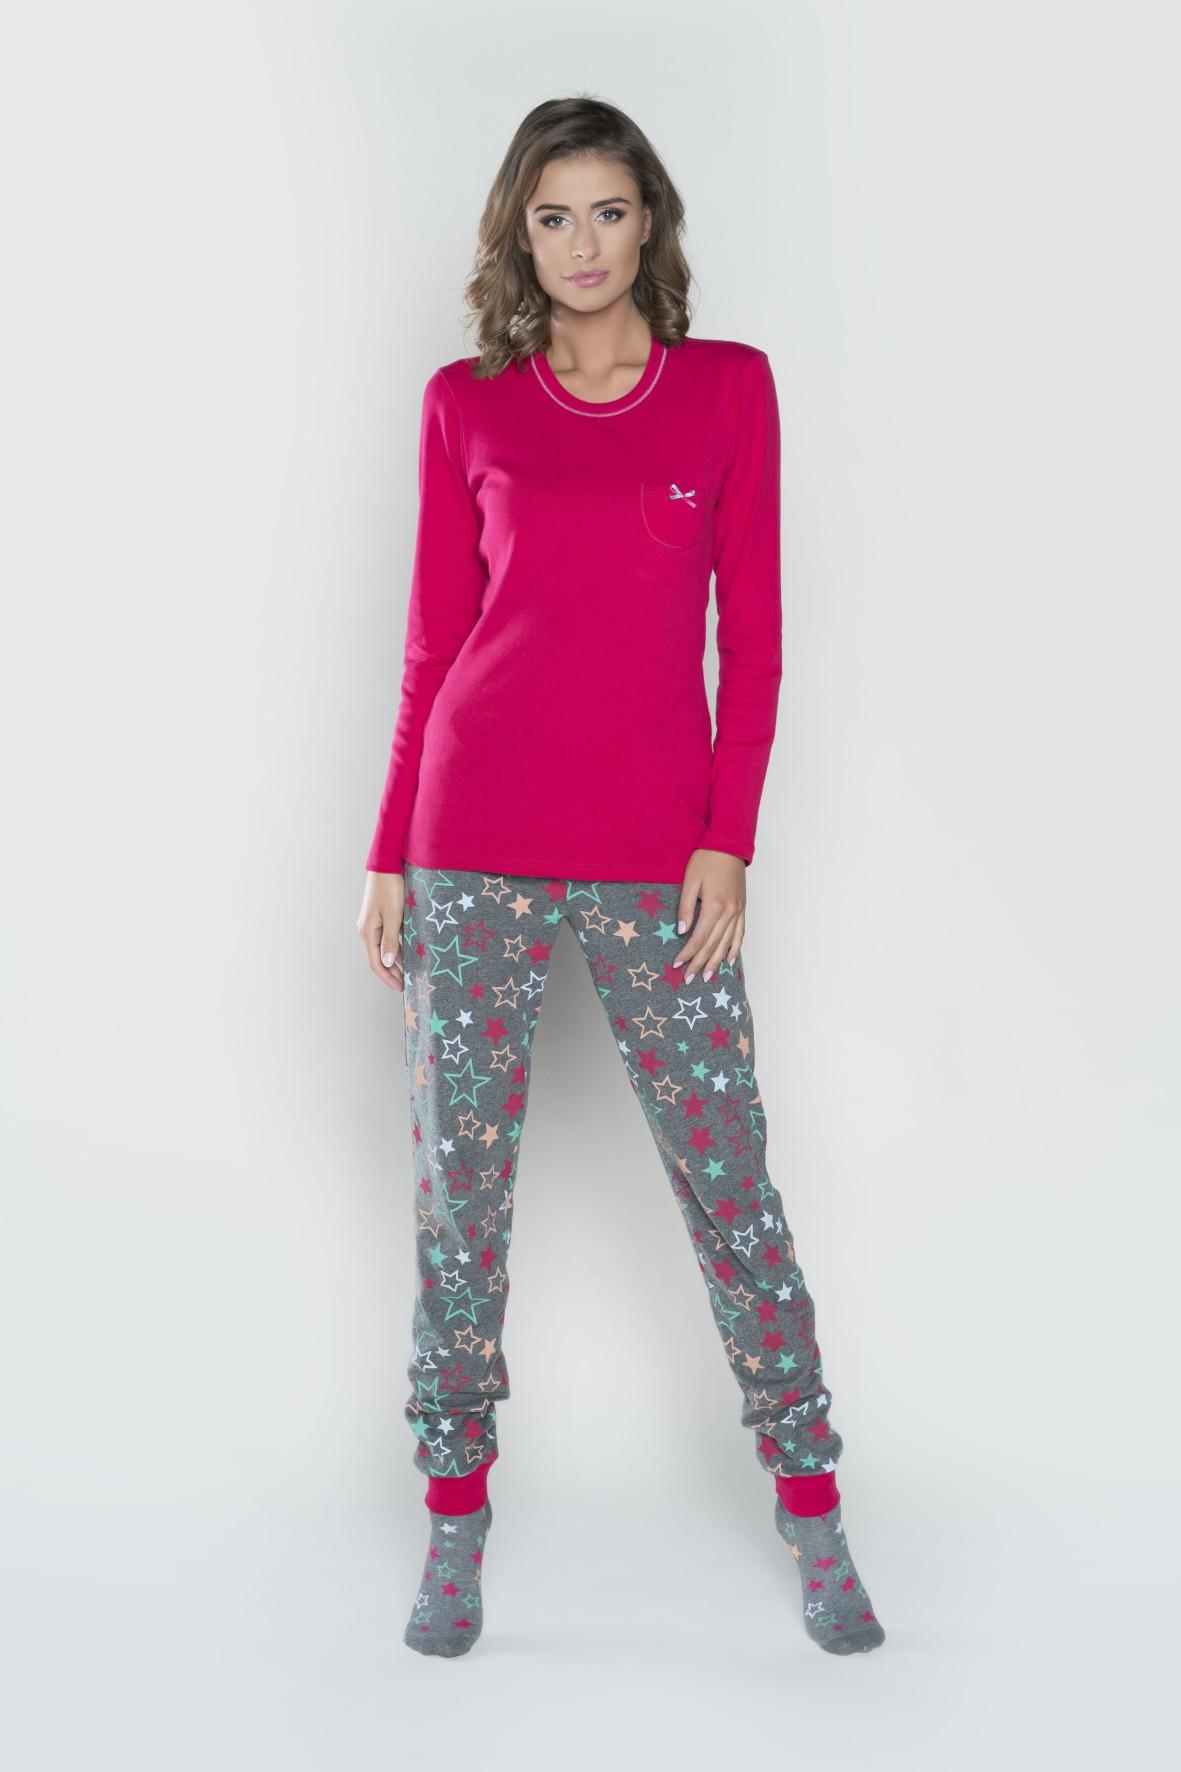 Piżama damska Tetyda długi rękaw, długie spodnie